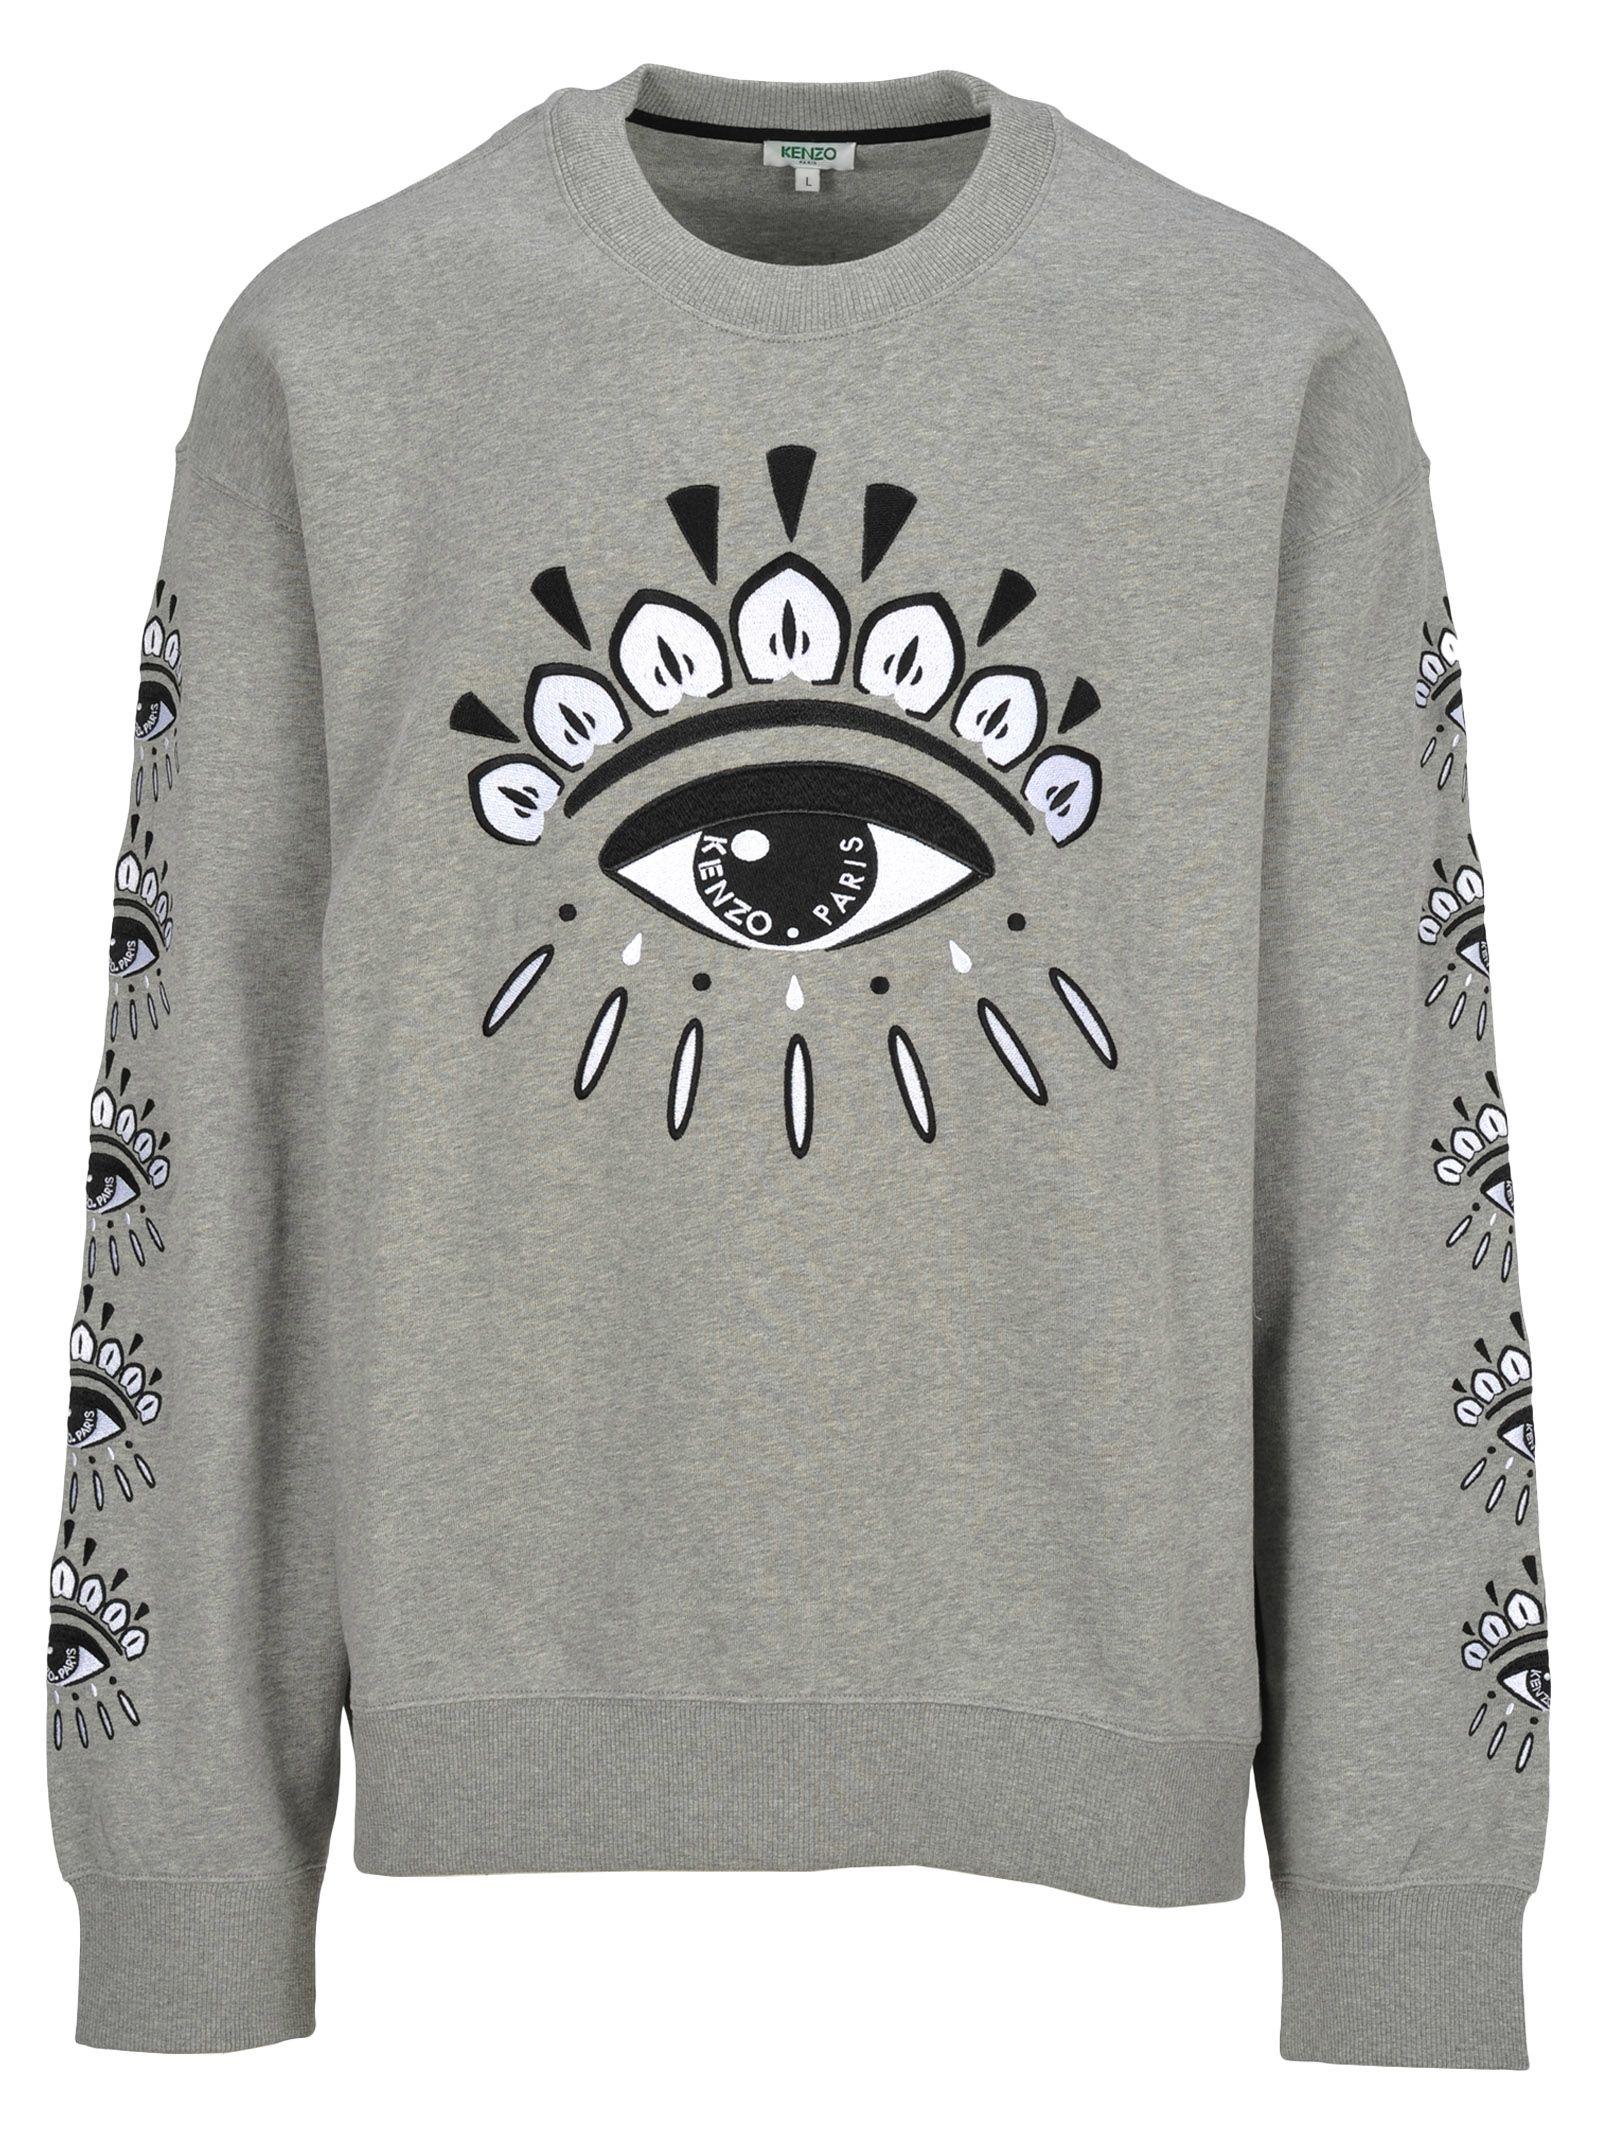 7df85d9043d9 Kenzo Kenzo Kenzo Embroidered Eye Sweatshirt - PEARL GREY - 10814701 ...